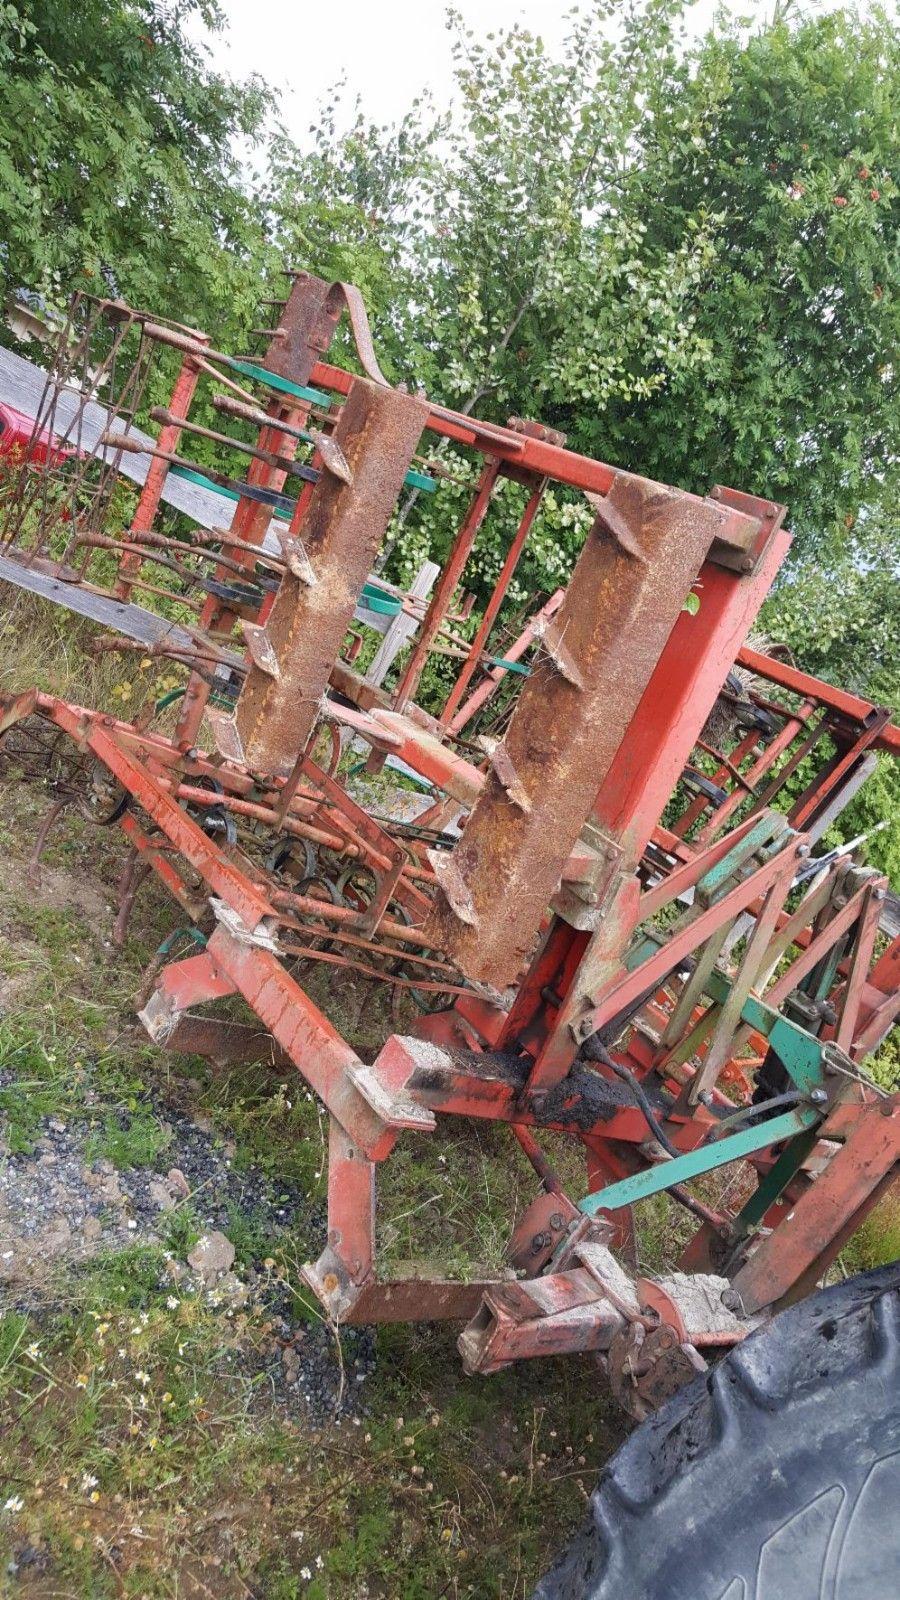 Kverneland sloddeharv - Gan  - Kverneland slodde harv 3.6 meter. Med slepe drag, svetter litt fra sylinder. Selges 20000,- + Mva - Gan